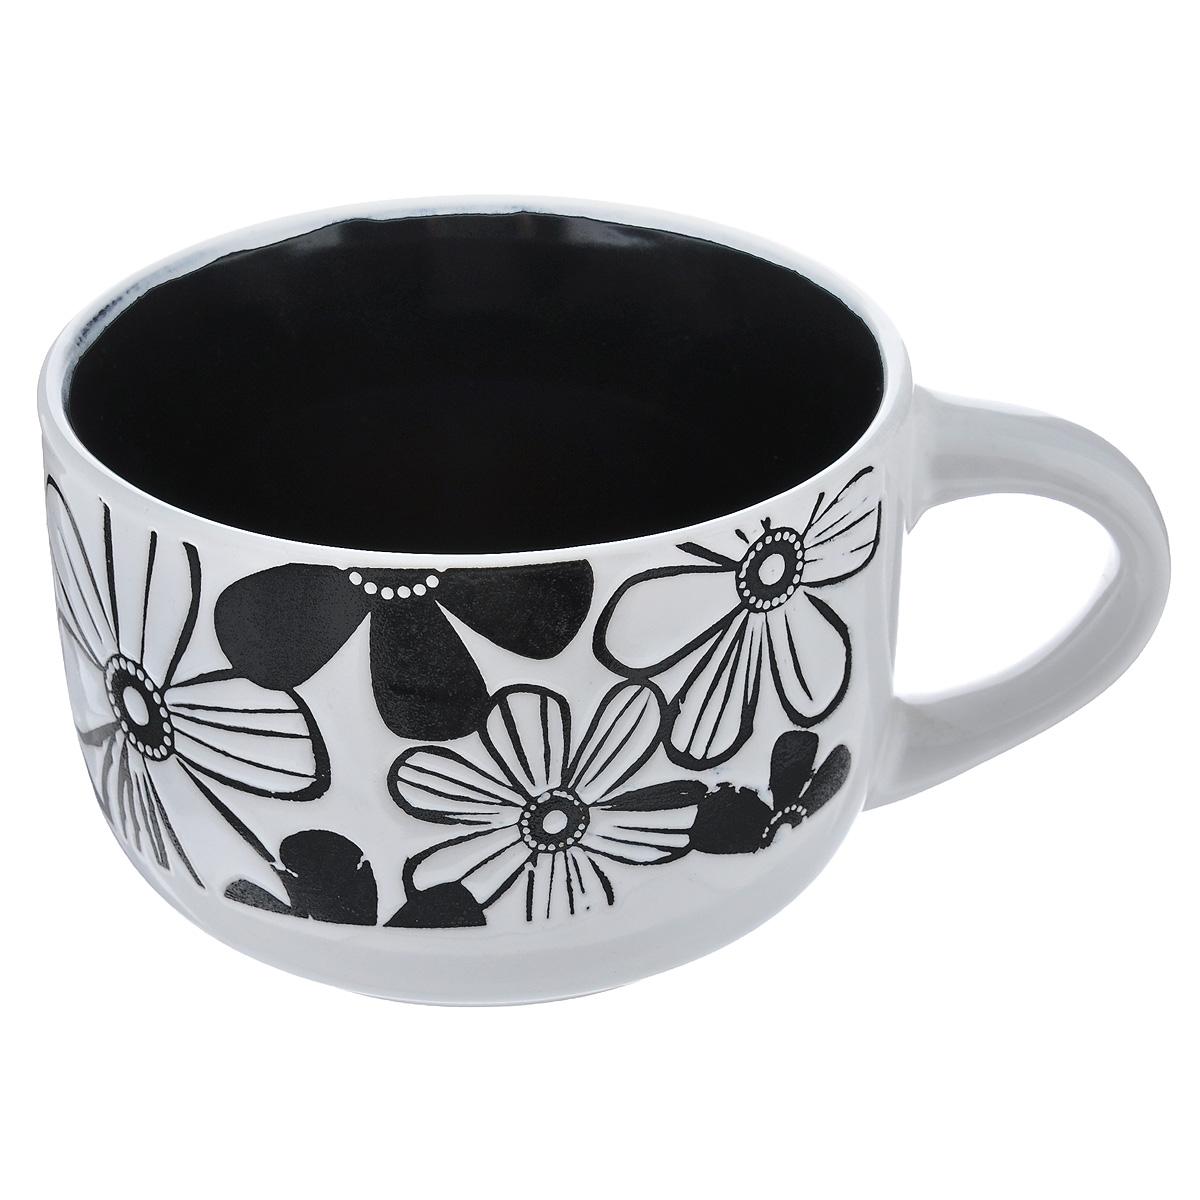 Чашка Wing Star Цветы, цвет: черный, белый, 460 млLJ1060JMЧашка Wing Star Цветы изготовлена из керамики и украшена цветочным принтом. Wing Star - качественная керамическая посуда из обожженной, глазурованной снаружи и изнутри глины с оригинальными рисунками. При изготовлении данной посуды широко используется рельефный способ нанесения декора, когда рельефная поверхность подготавливается в процессе формовки и изделие обрабатывается с уже готовым декором. Благодаря этому достигается эффект неровного на ощупь рисунка, как бы утопленного внутрь глазури и являющегося его естественным элементом. Чашку можно использовать в СВЧ и мыть в посудомоечной машине. Диаметр (по верхнему краю): 11 см. Высота стенки: 7,5 см. Объем чашки: 460 мл.